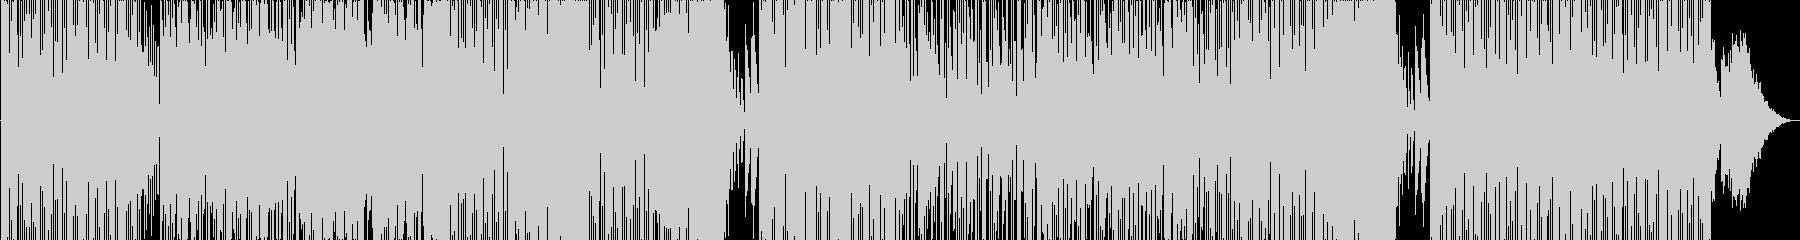 お洒落なダンサブルポップソングの未再生の波形